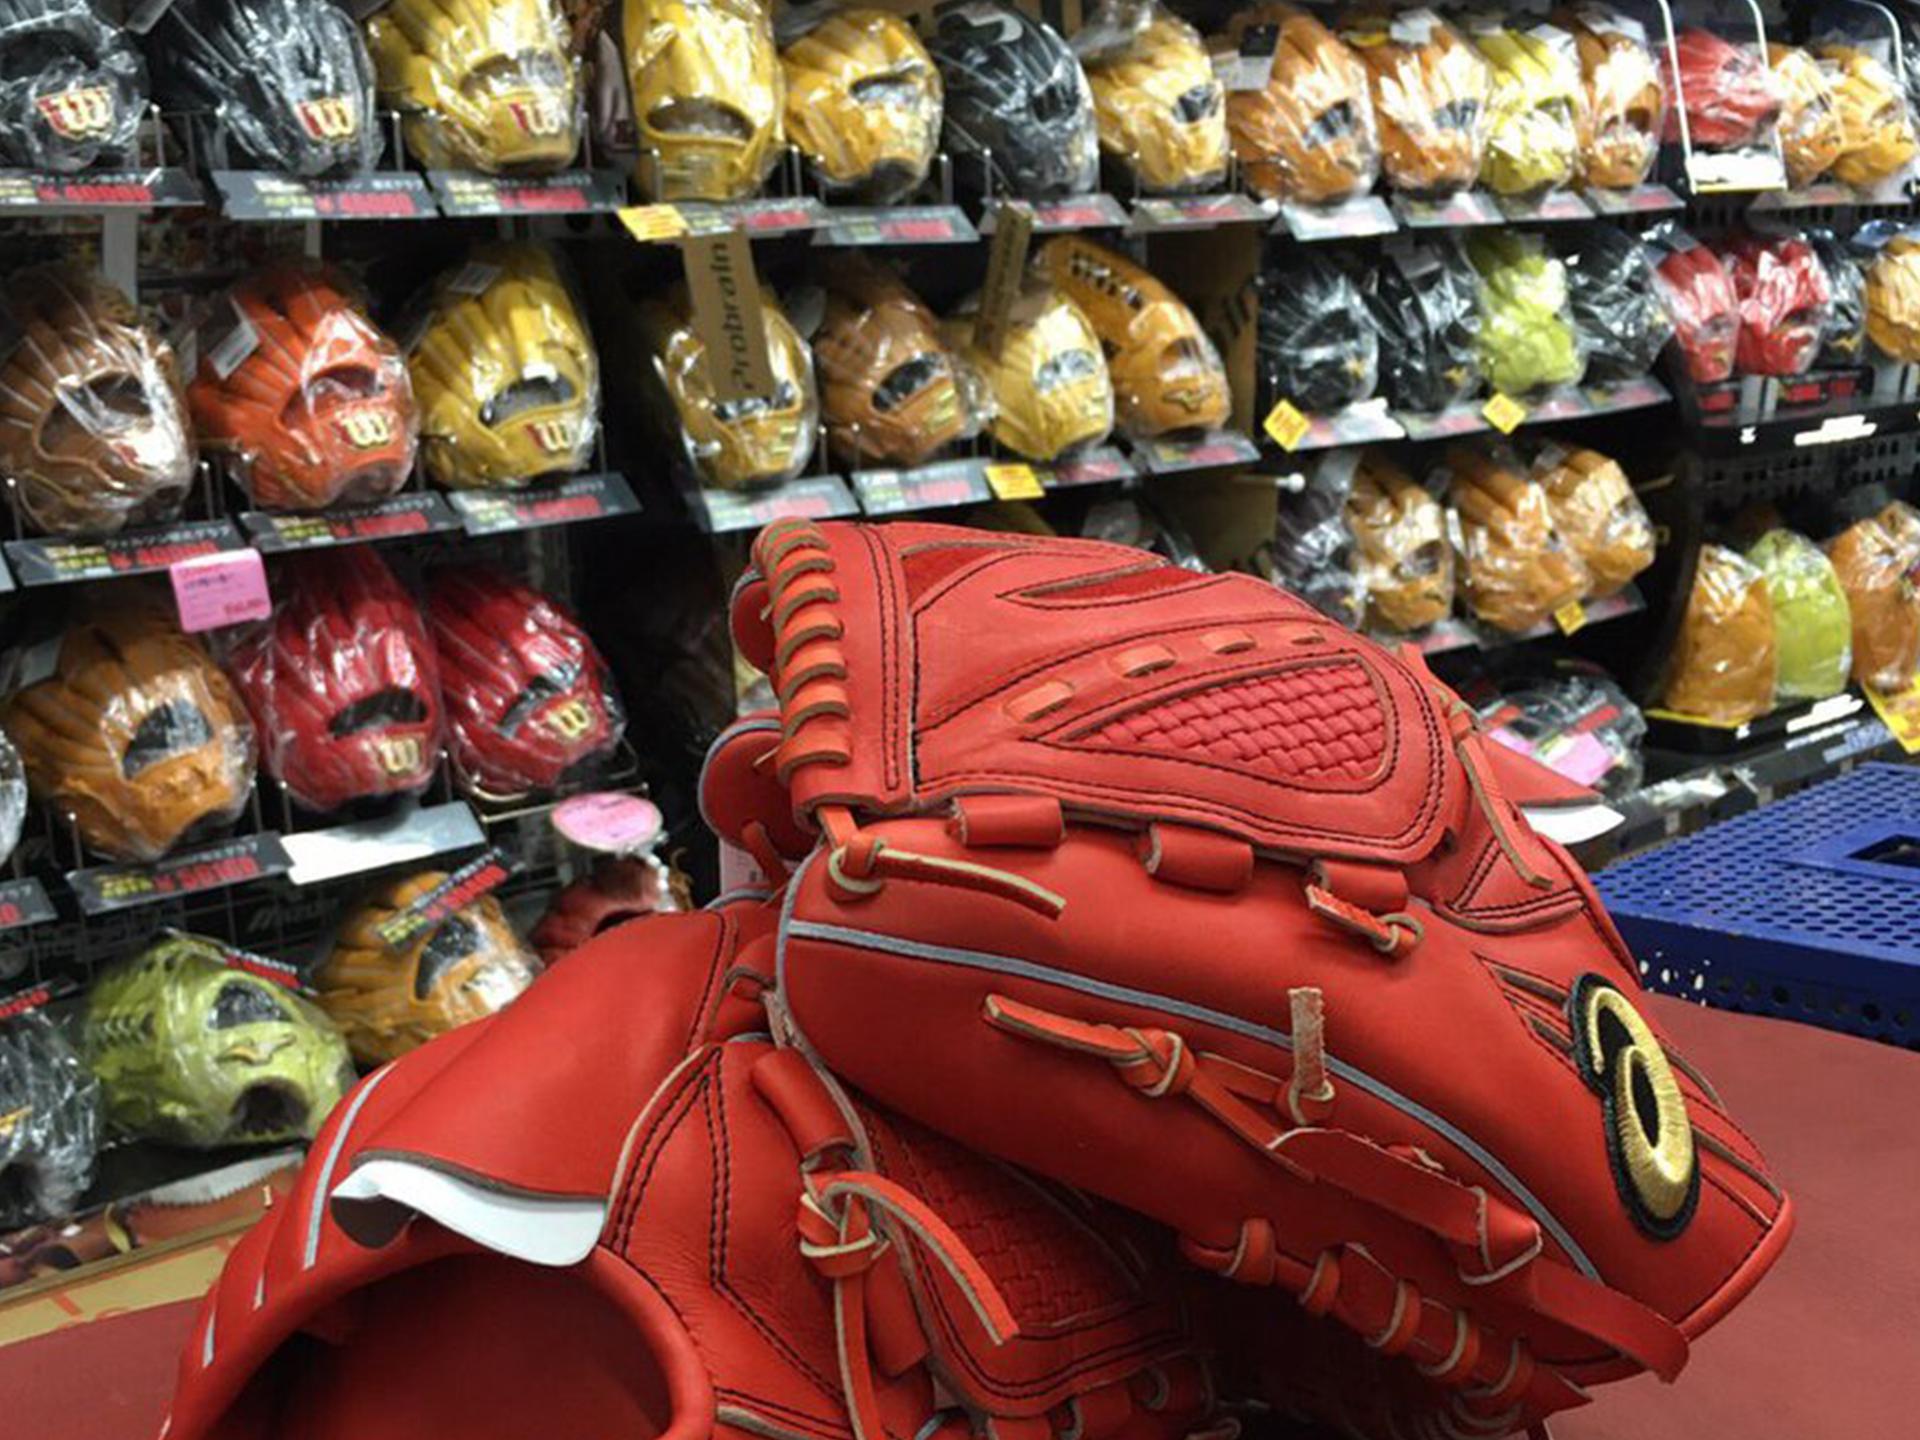 広島で野球用品買うならここ!もう迷わない広島にある野球専門店2選